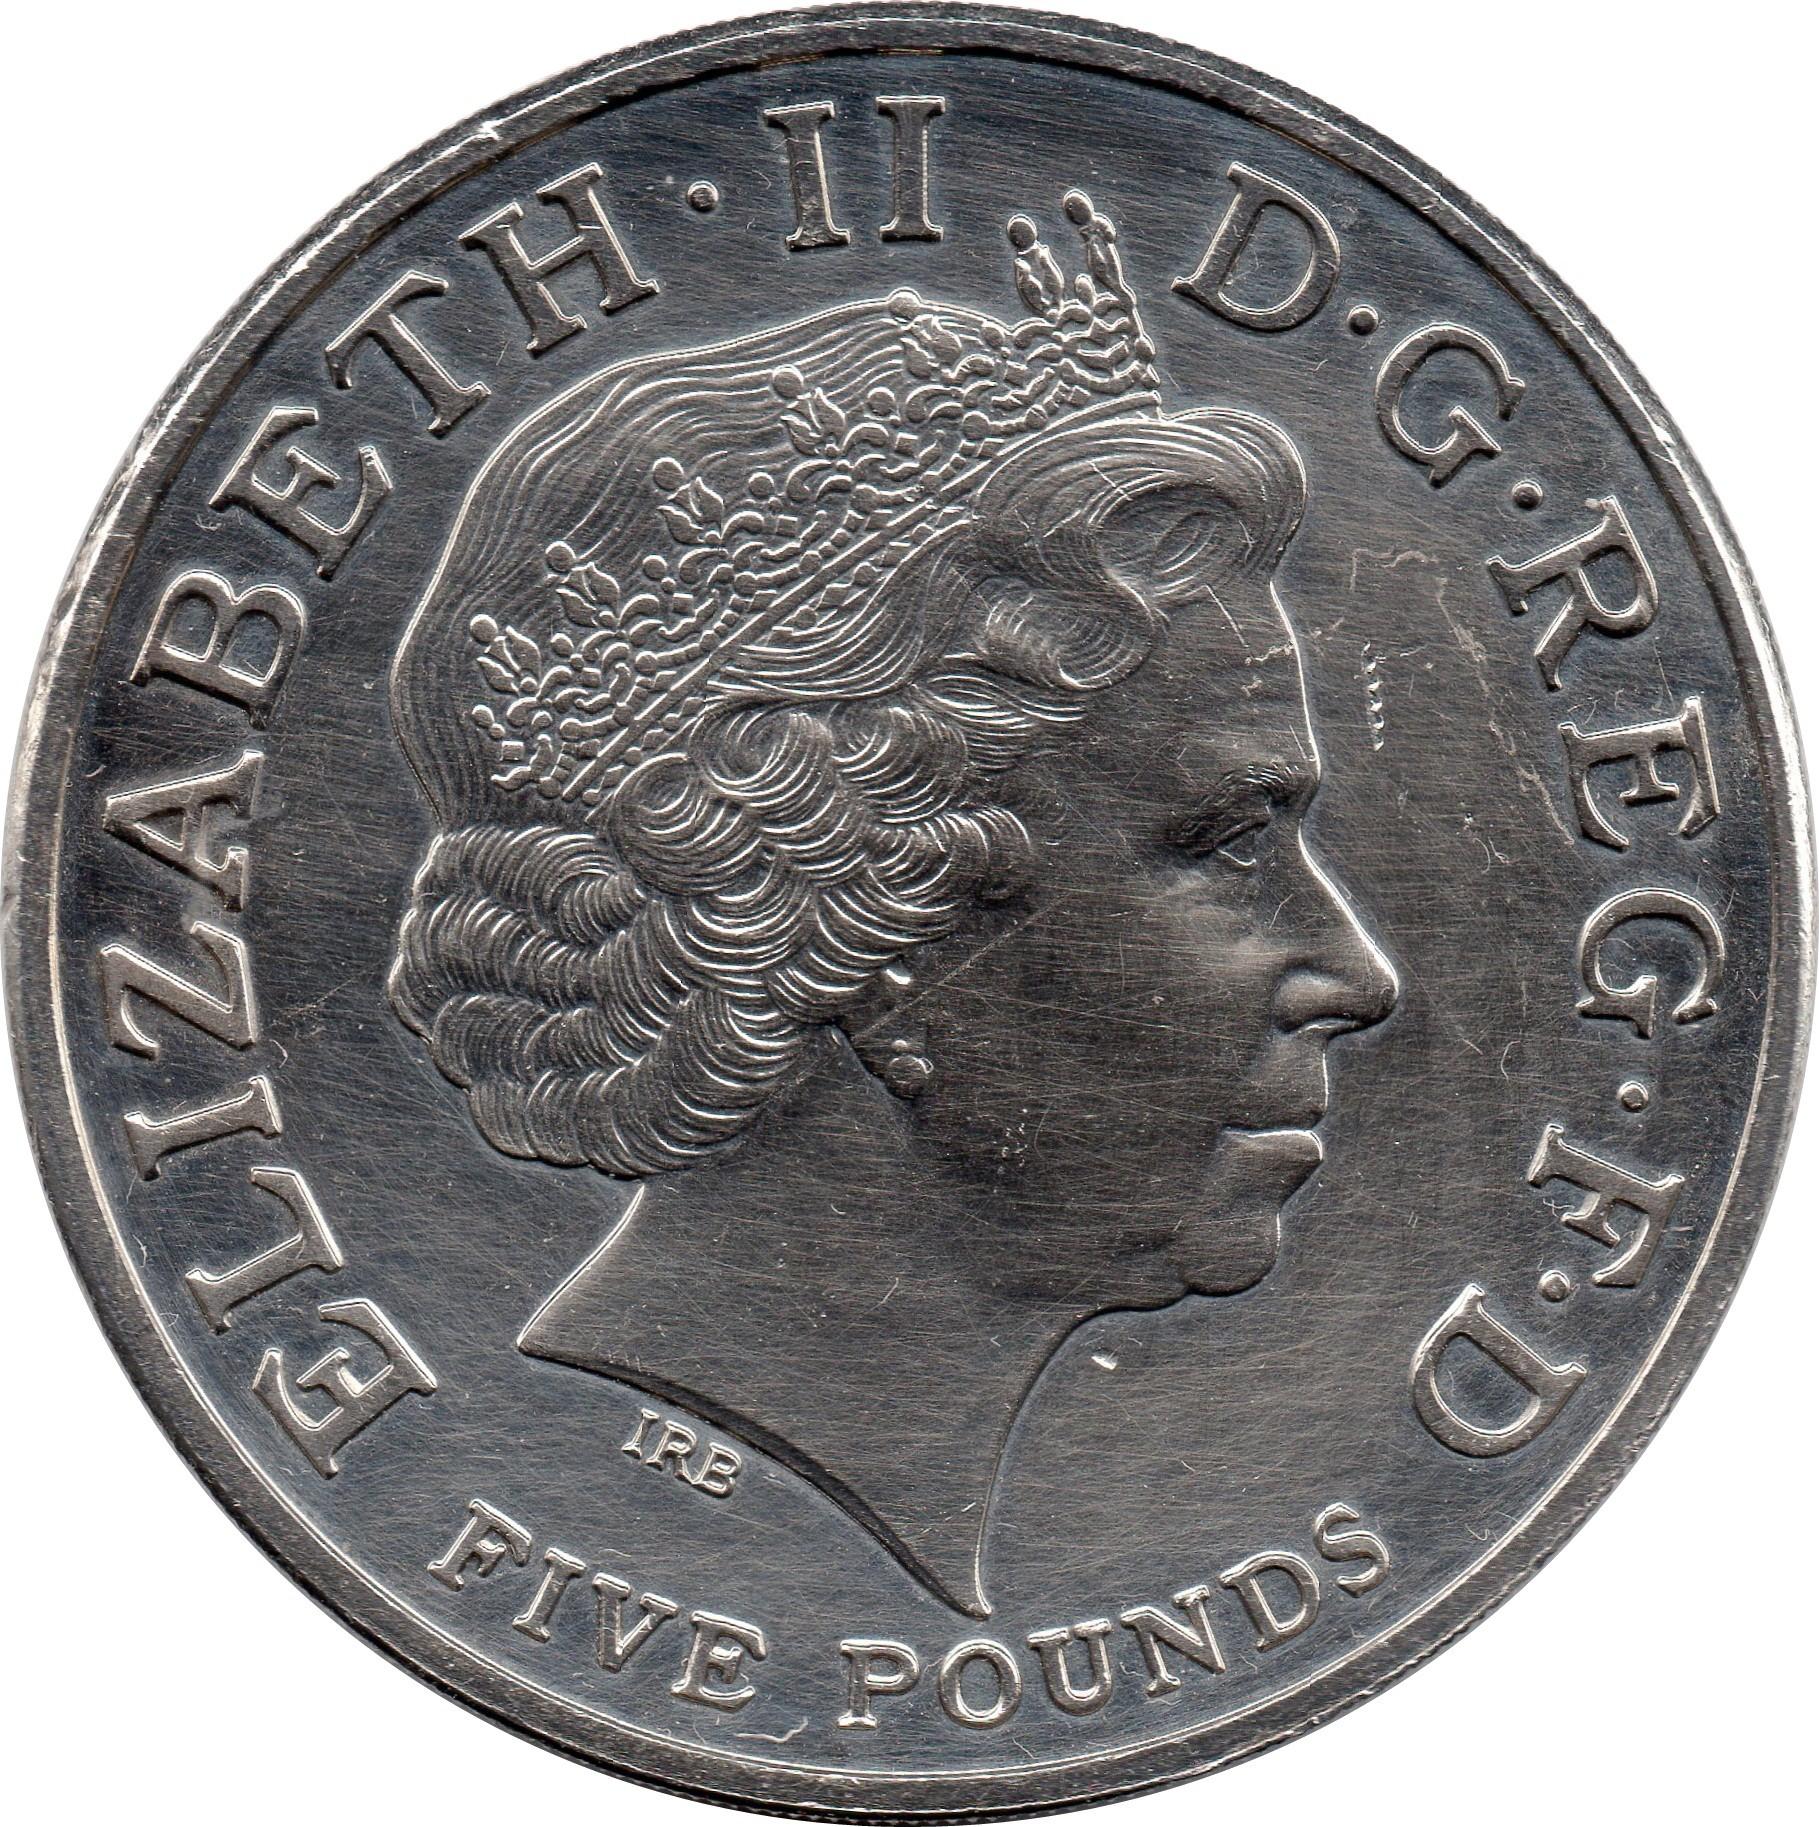 British 5 Pounds (2004 Elizabeth II-Entente Cordiale)